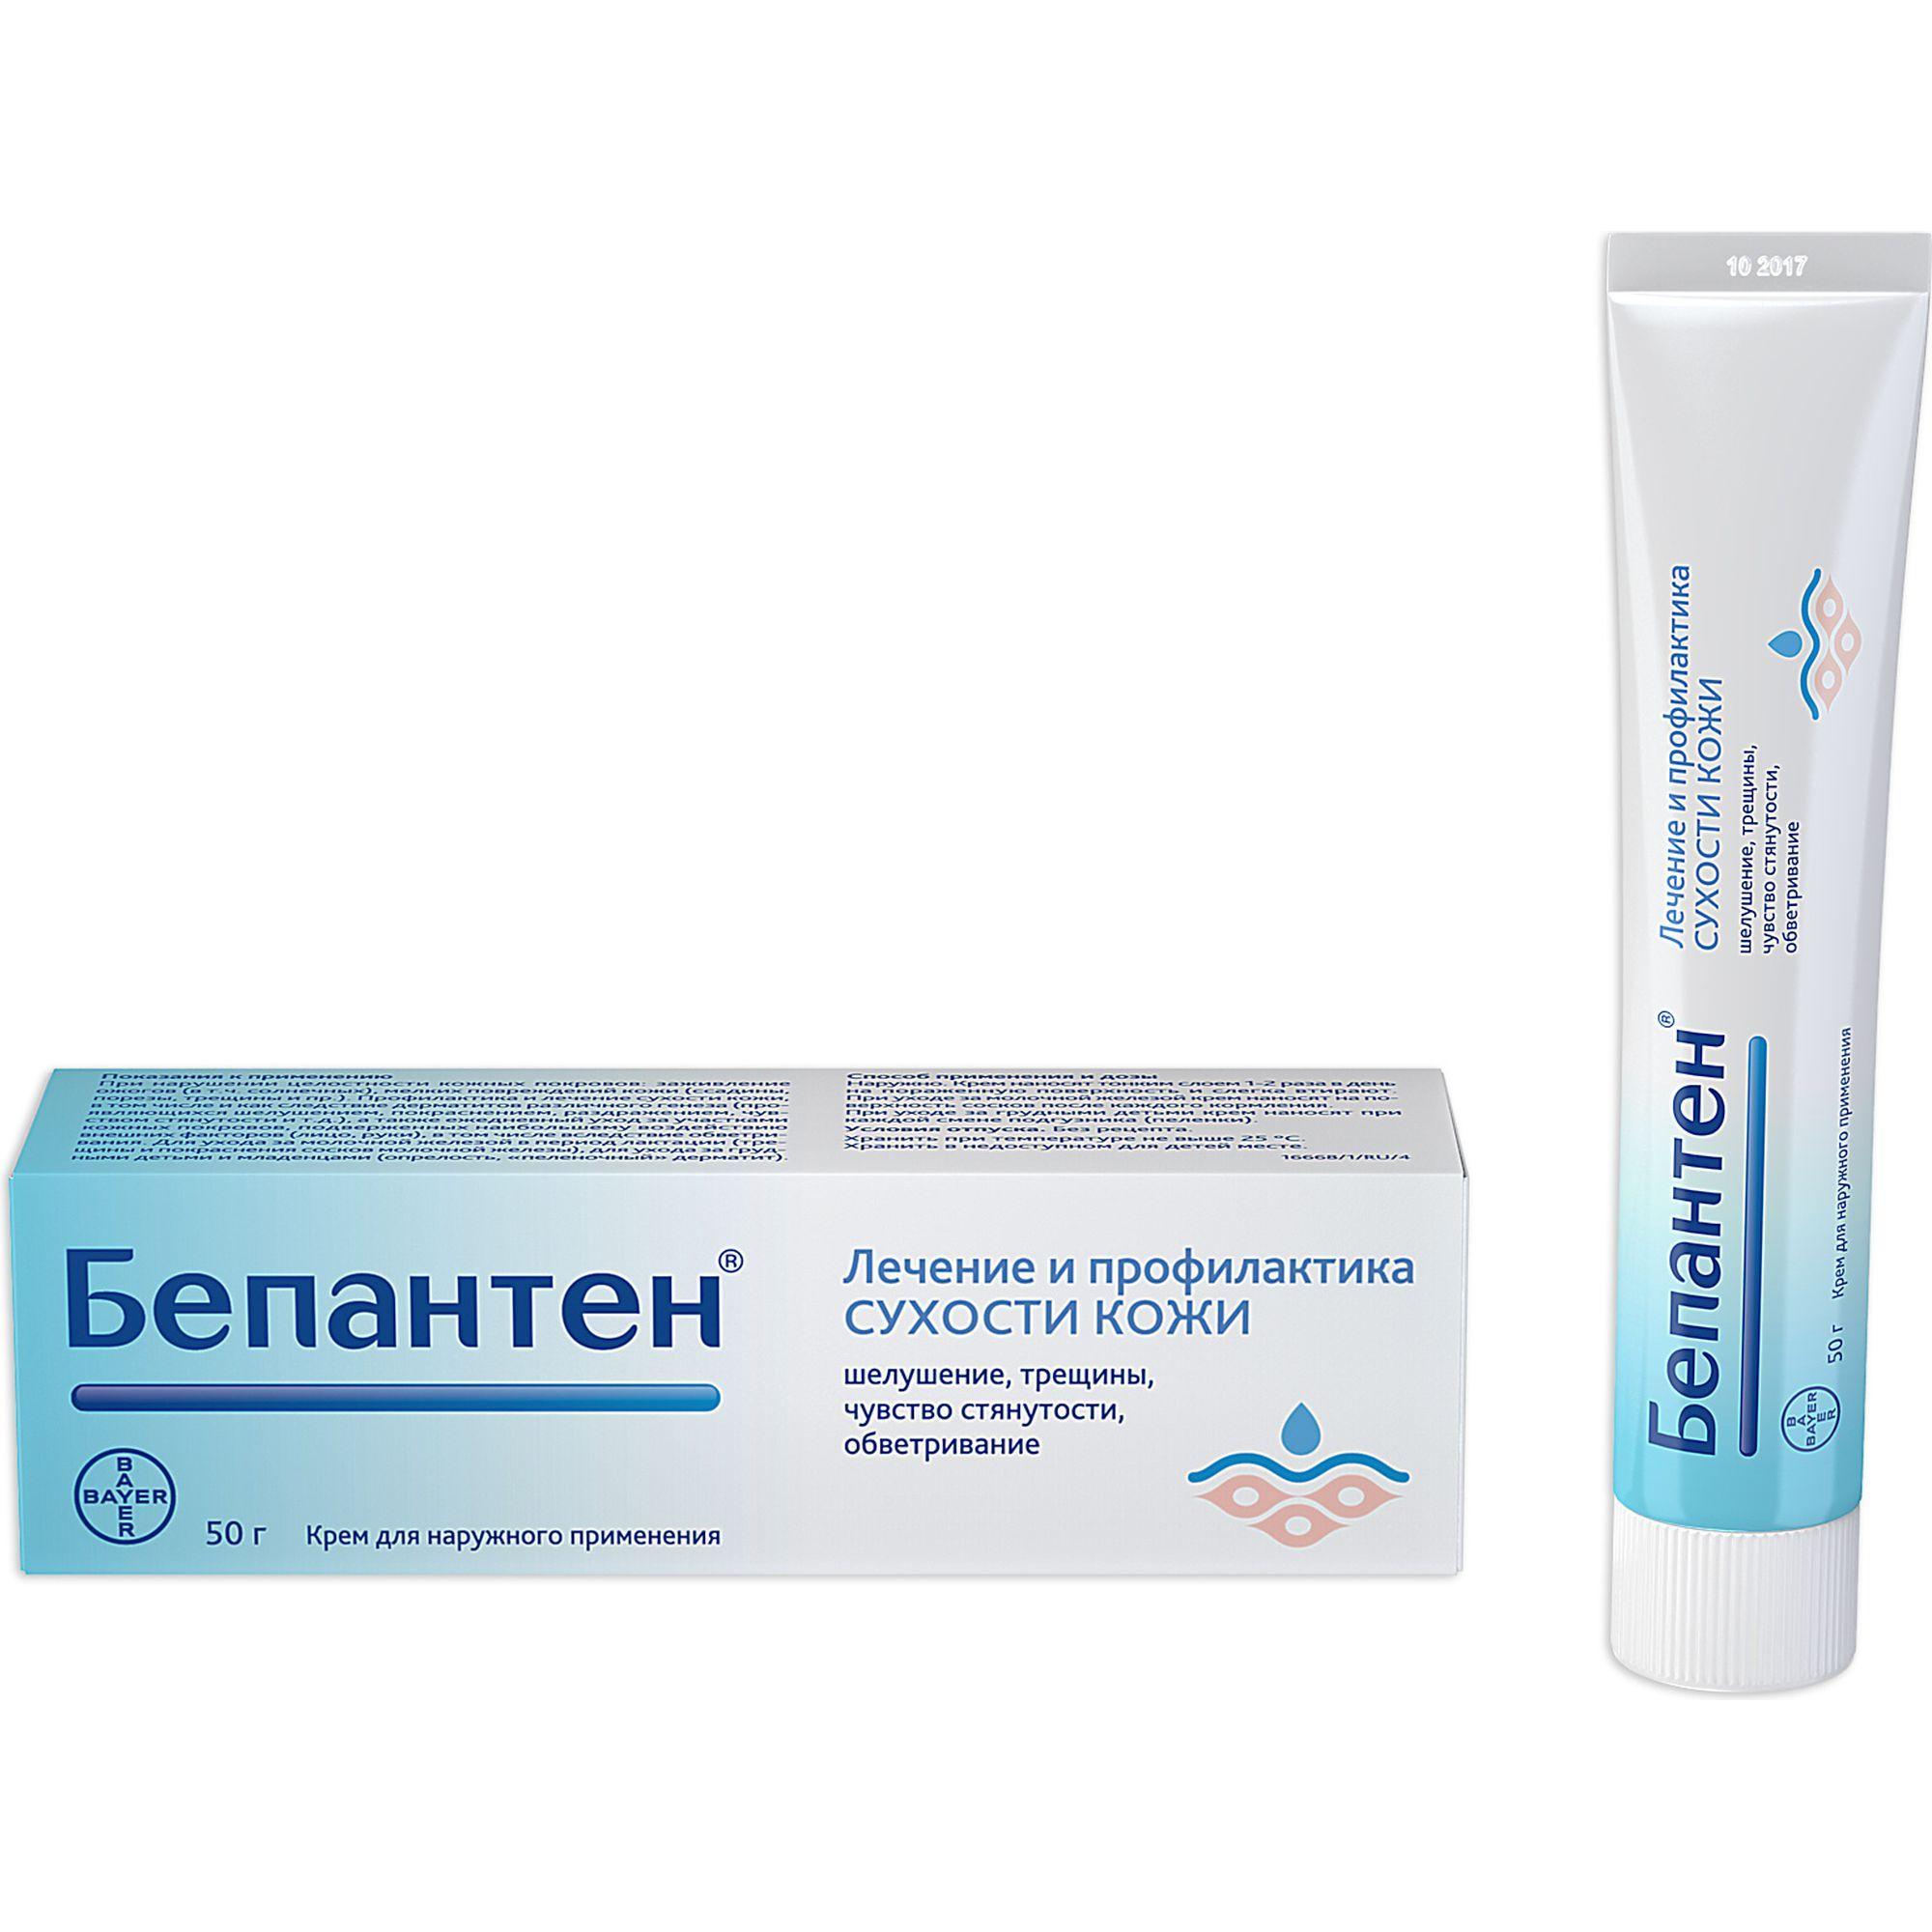 Бепантен, 5%, крем для наружного применения, 50 г, 1 шт.